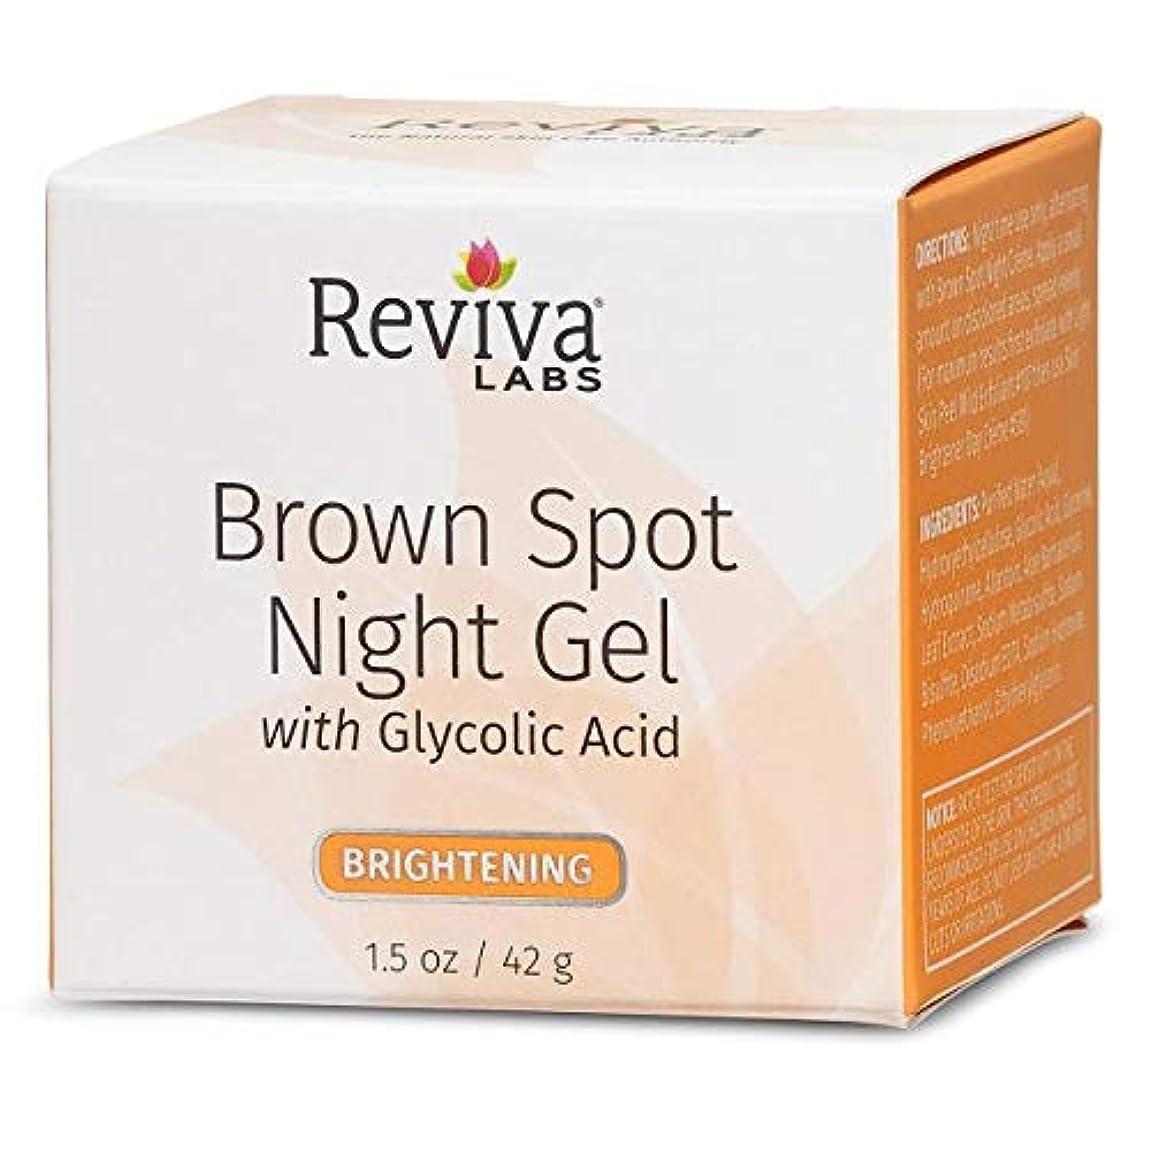 繊細チャンバー才能のあるブラウンスポット ナイトジェル グリコール酸入り 1.25oz. REVIVA LABS社製 海外直送品